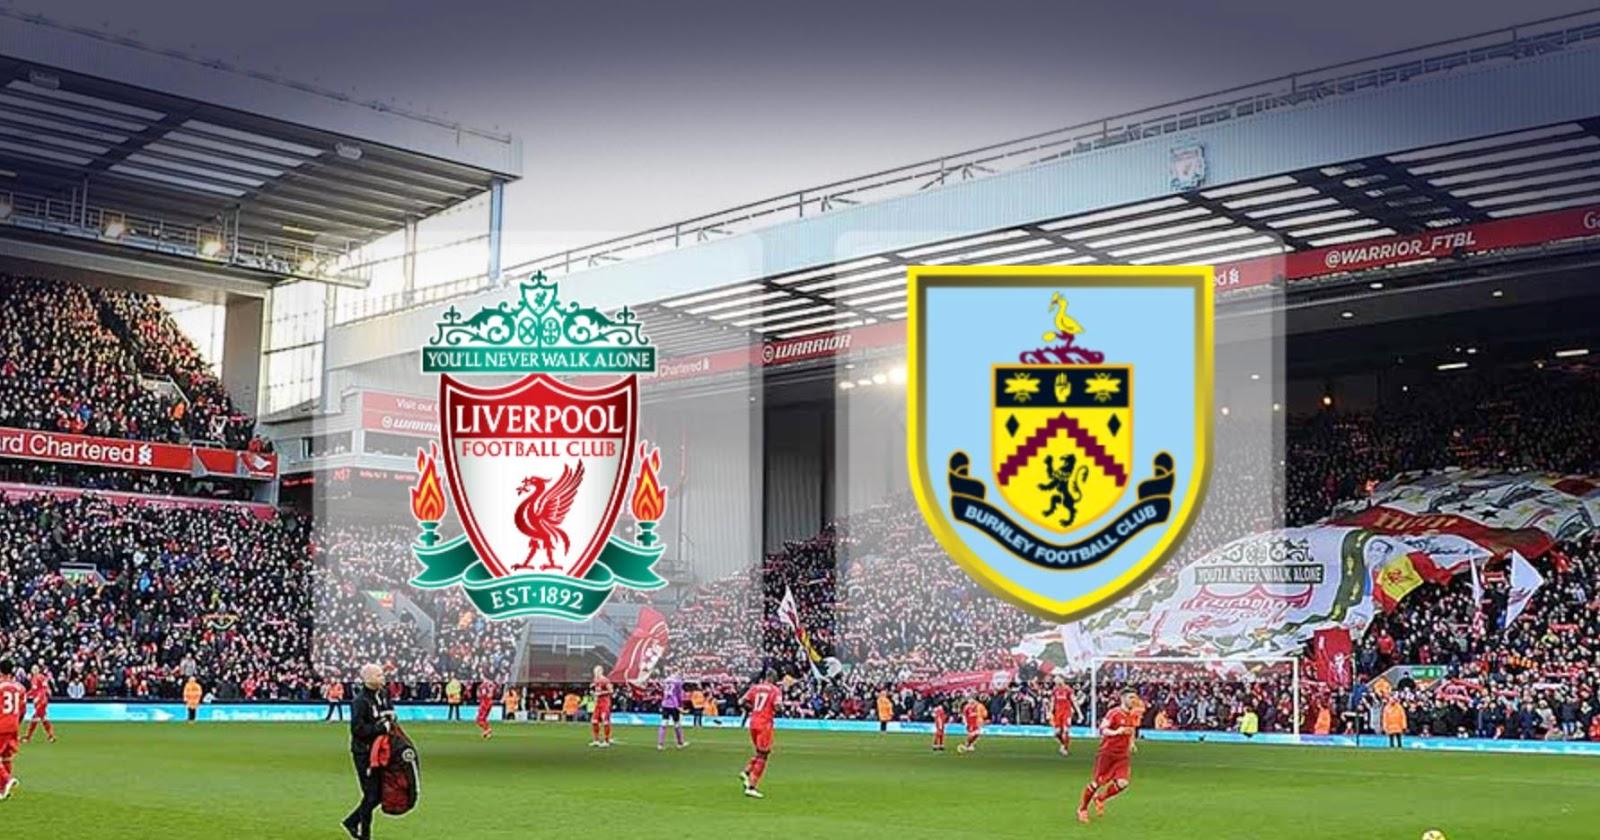 Jadi Tuan Rumah, Liverpool Malah Rapuh Sedangkan Burnley Percaya Diri